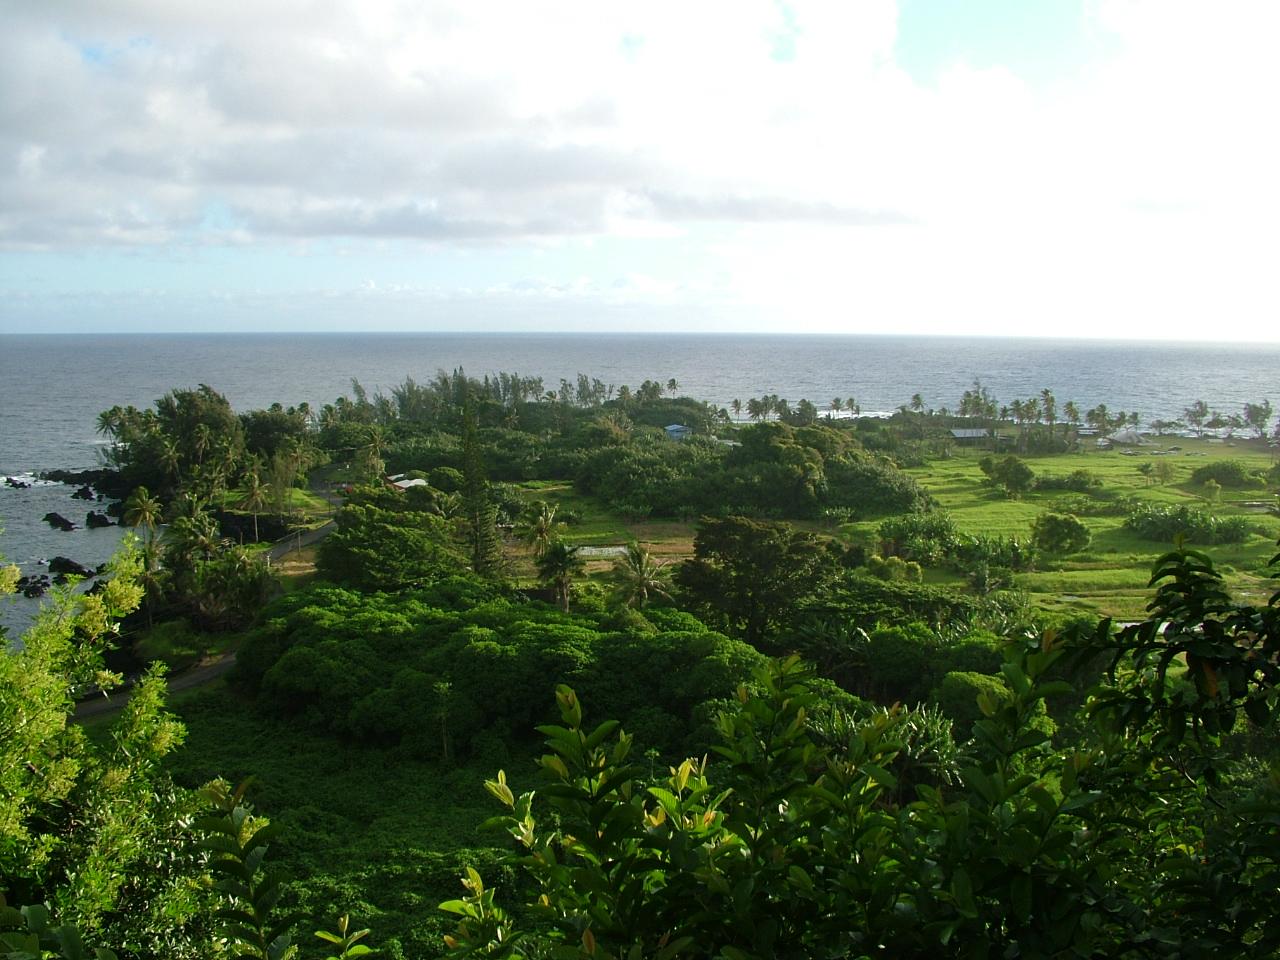 Keanae Loi, Maui